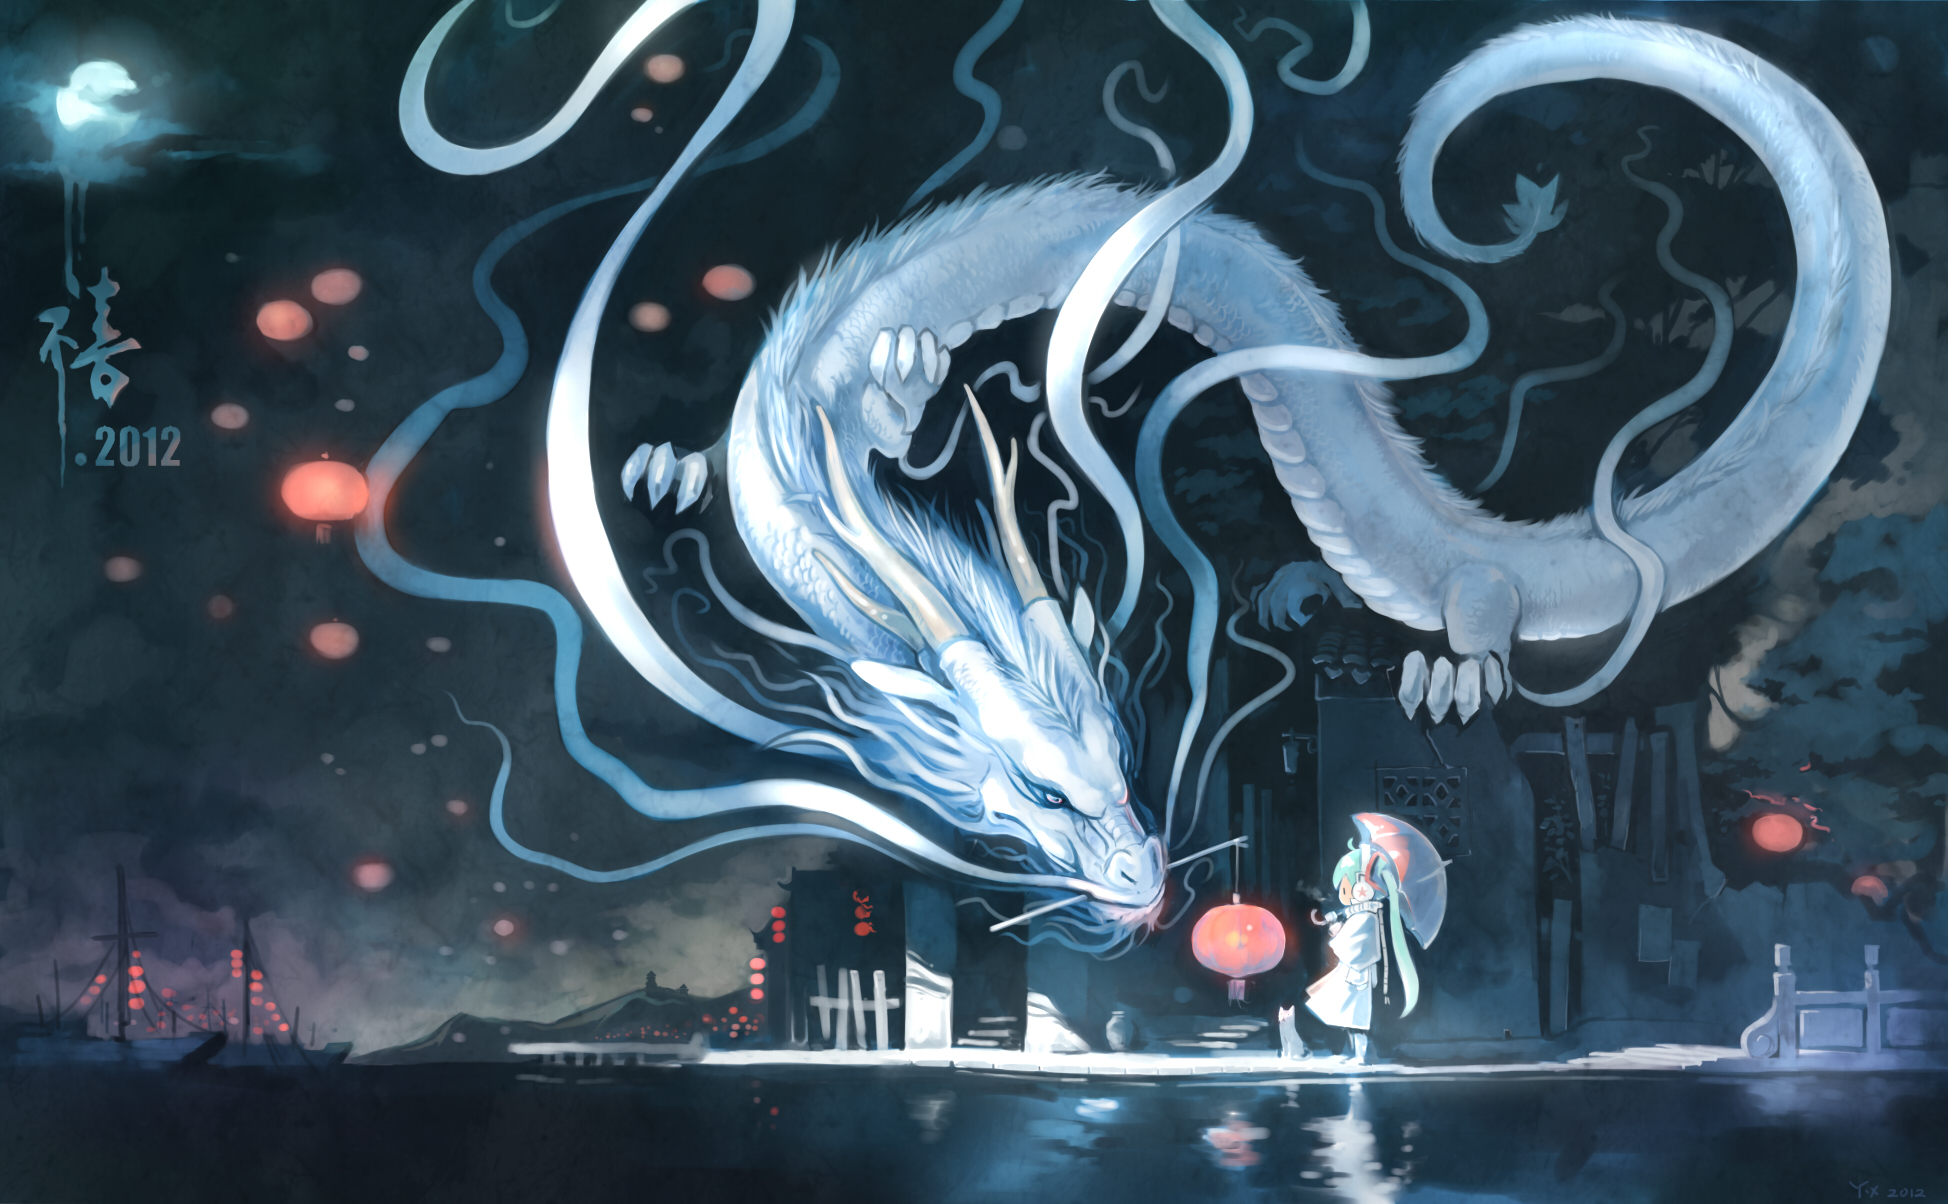 14264 Hintergrundbild herunterladen Cartoon, Anime, Dragons - Bildschirmschoner und Bilder kostenlos